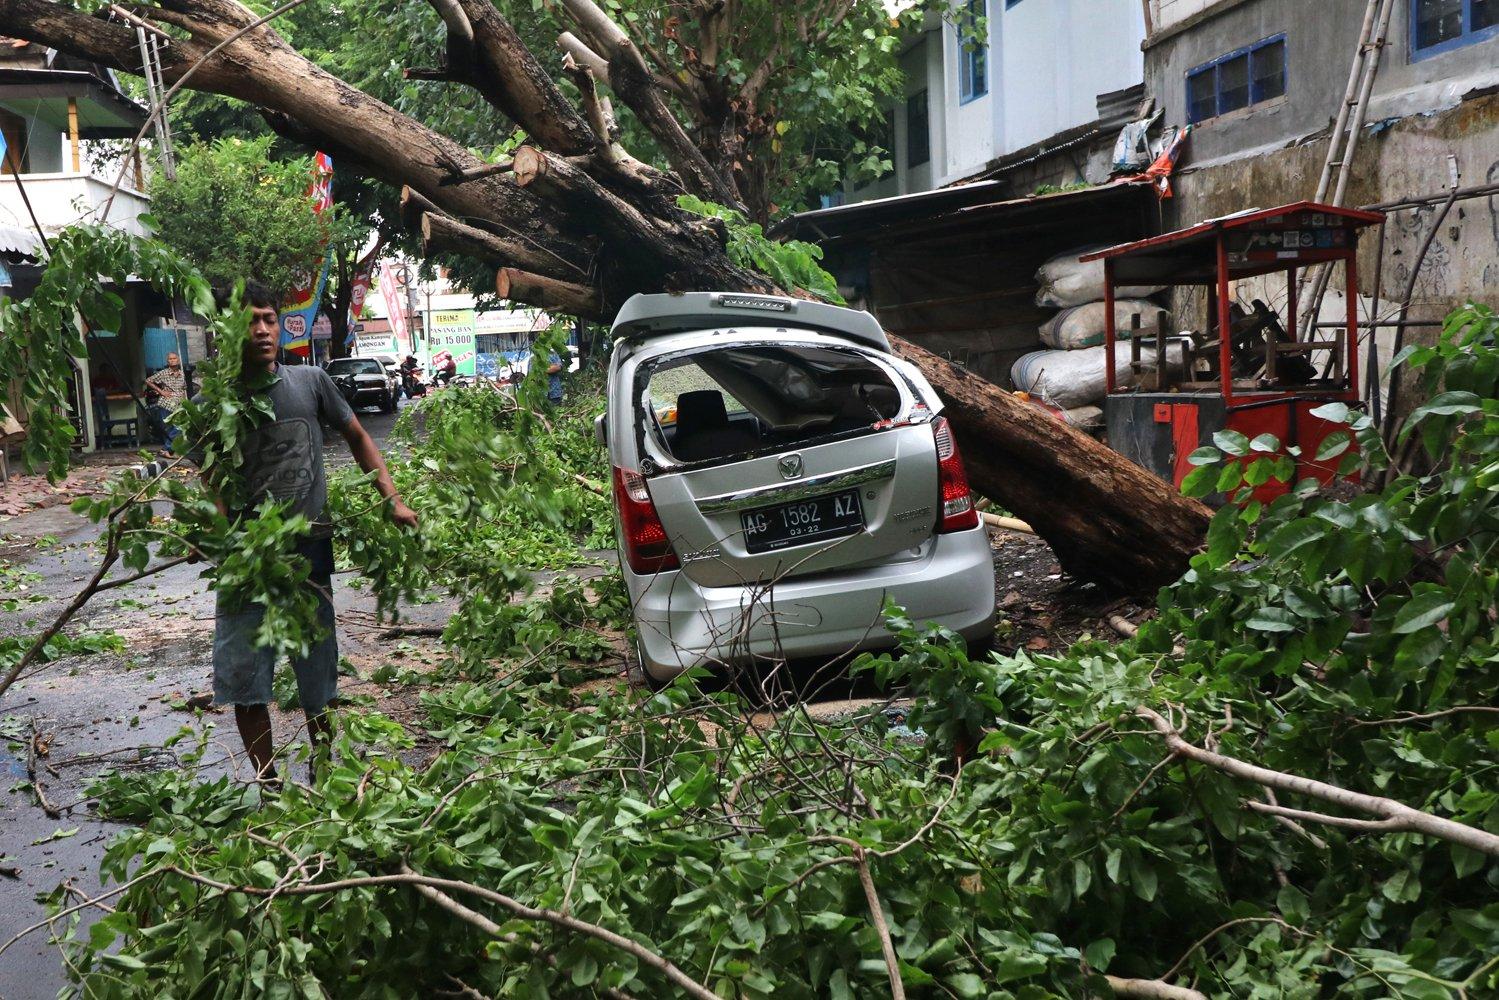 Warga memotong pohon yang menimpa sebuah mobil pascabencana angin kencang di Kota Kediri, Jawa Timur, Senin (9/12/2019). Bencana angin kencang yang disertai hujan lebat di daerah tersebut mengakibatkan satu orang meninggal dunia, tiga mobil rusak dan sejumlah bangunan roboh.